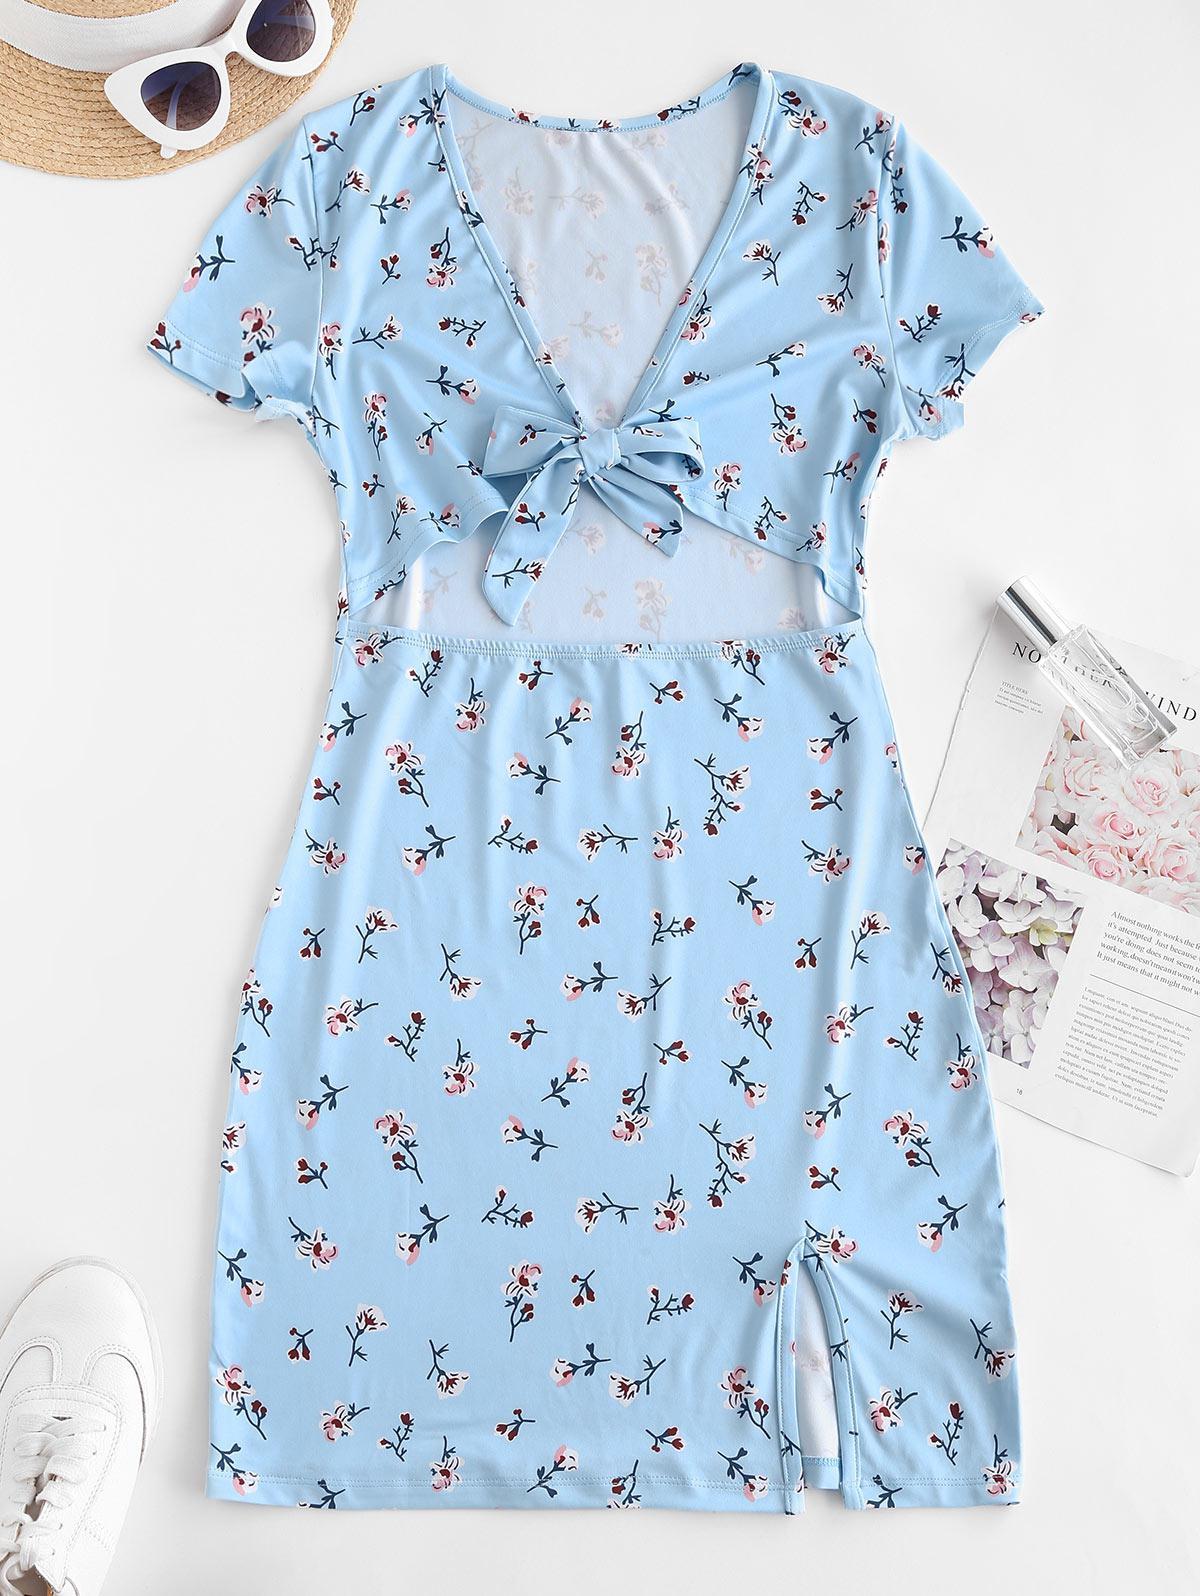 Tiny Floral Tie Front Cut Out Slit Mini Dress